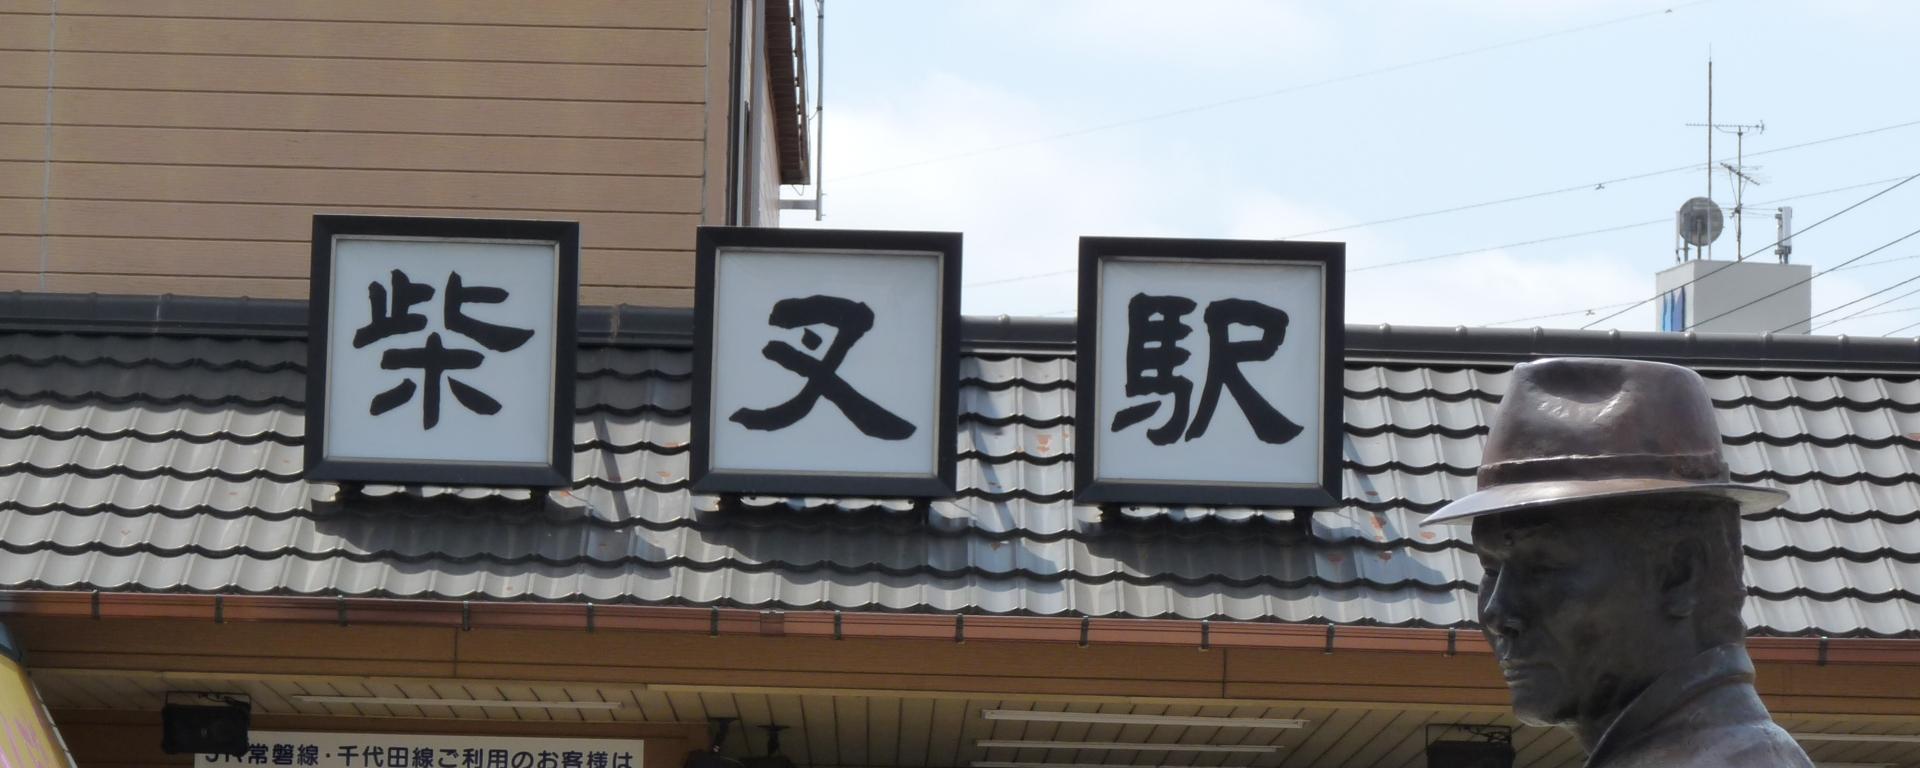 寅さん像と柴又駅